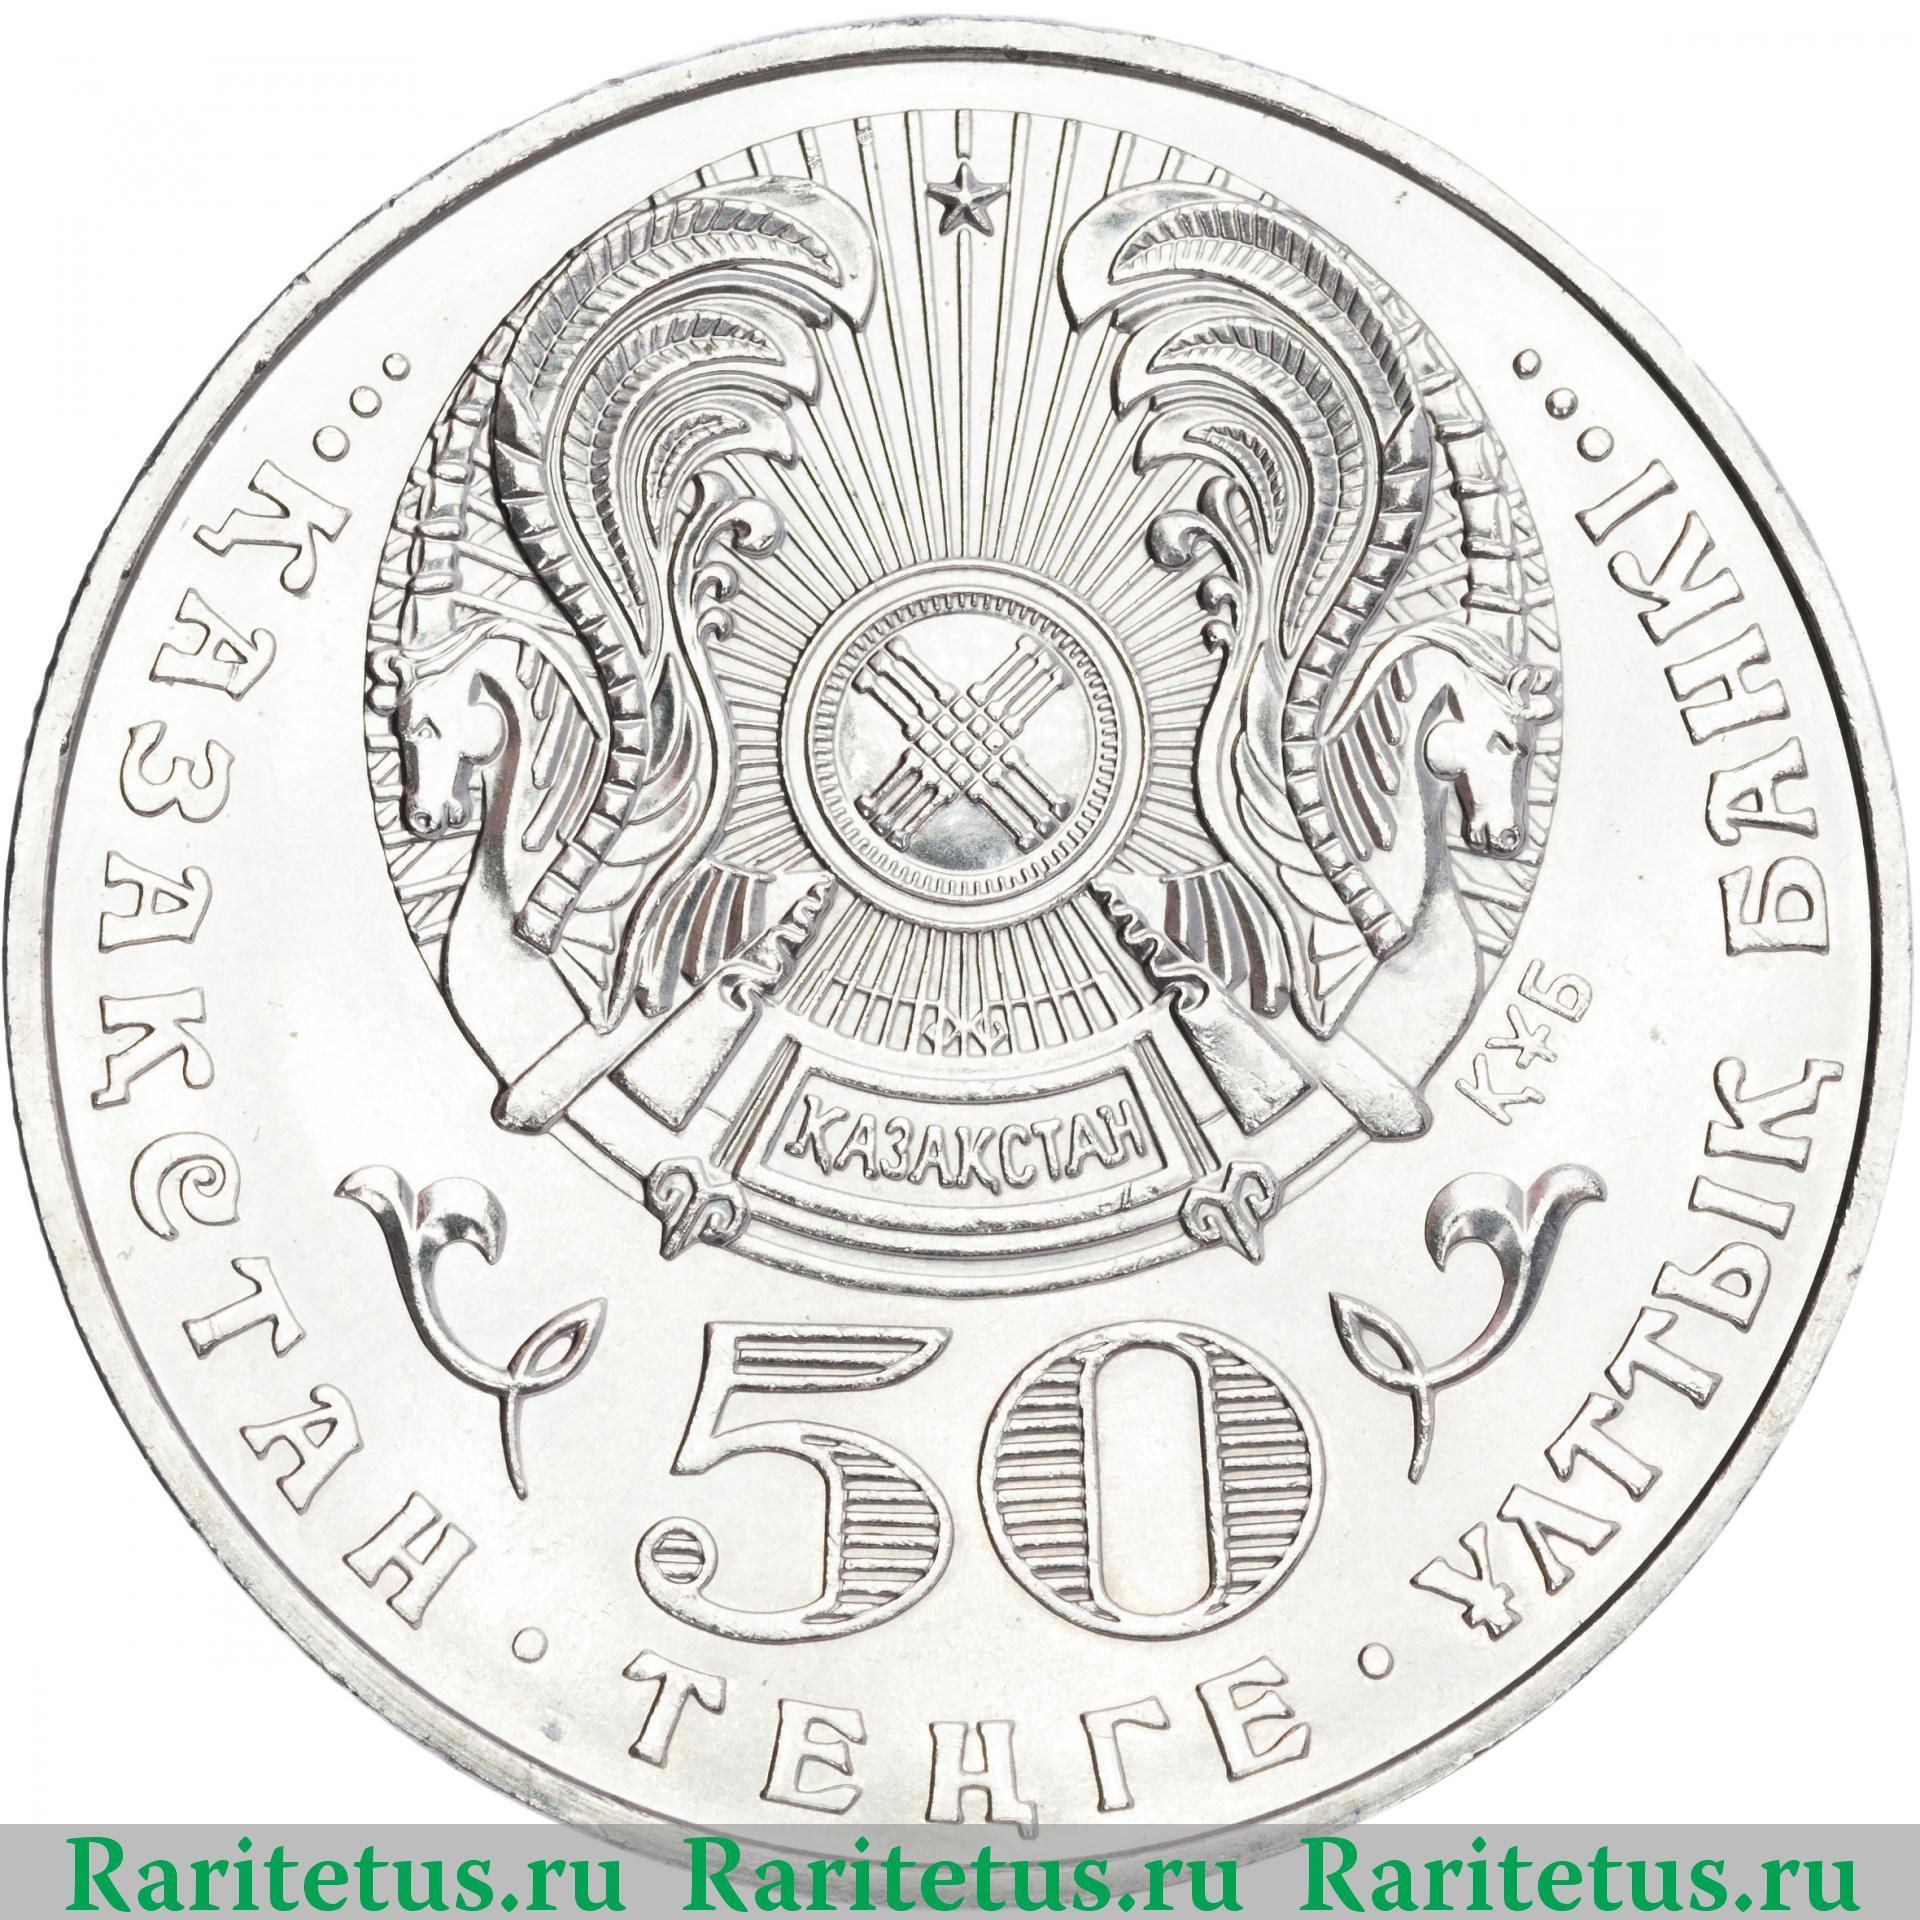 50 тенге 2006 редкие монеты 2000 года стоимость